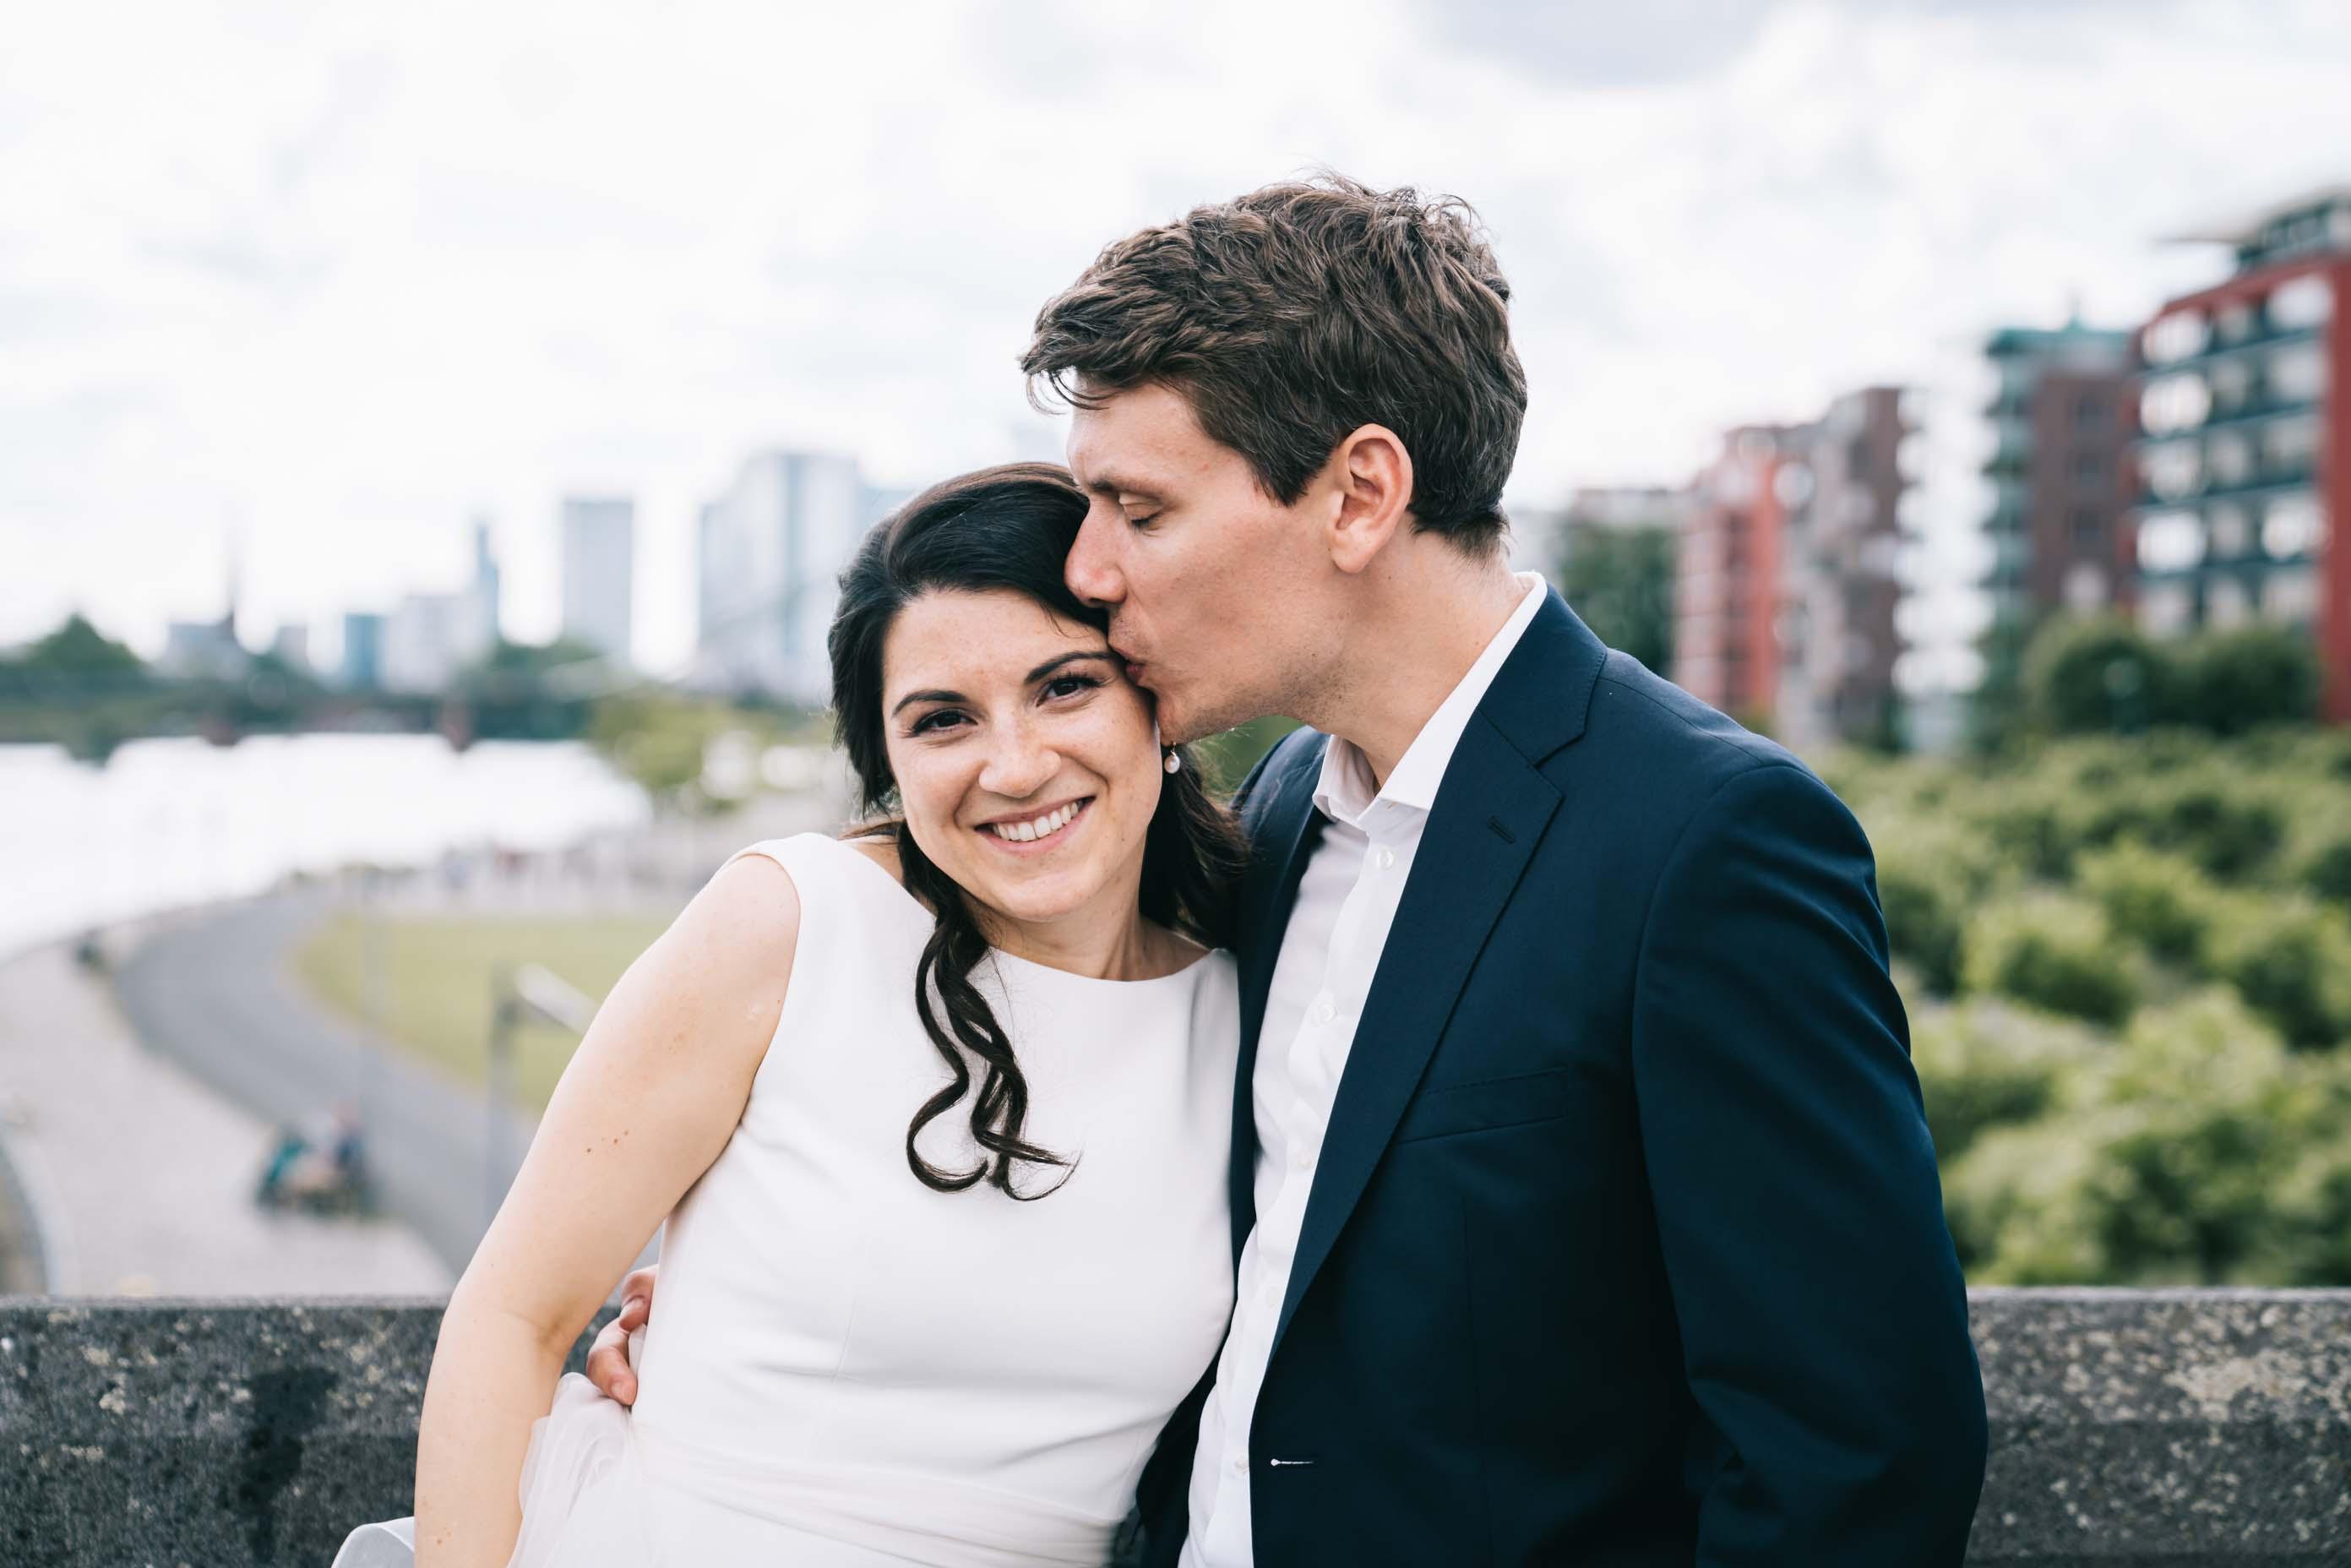 Der Bräutigam küsst seine Braut auf die Stirn.